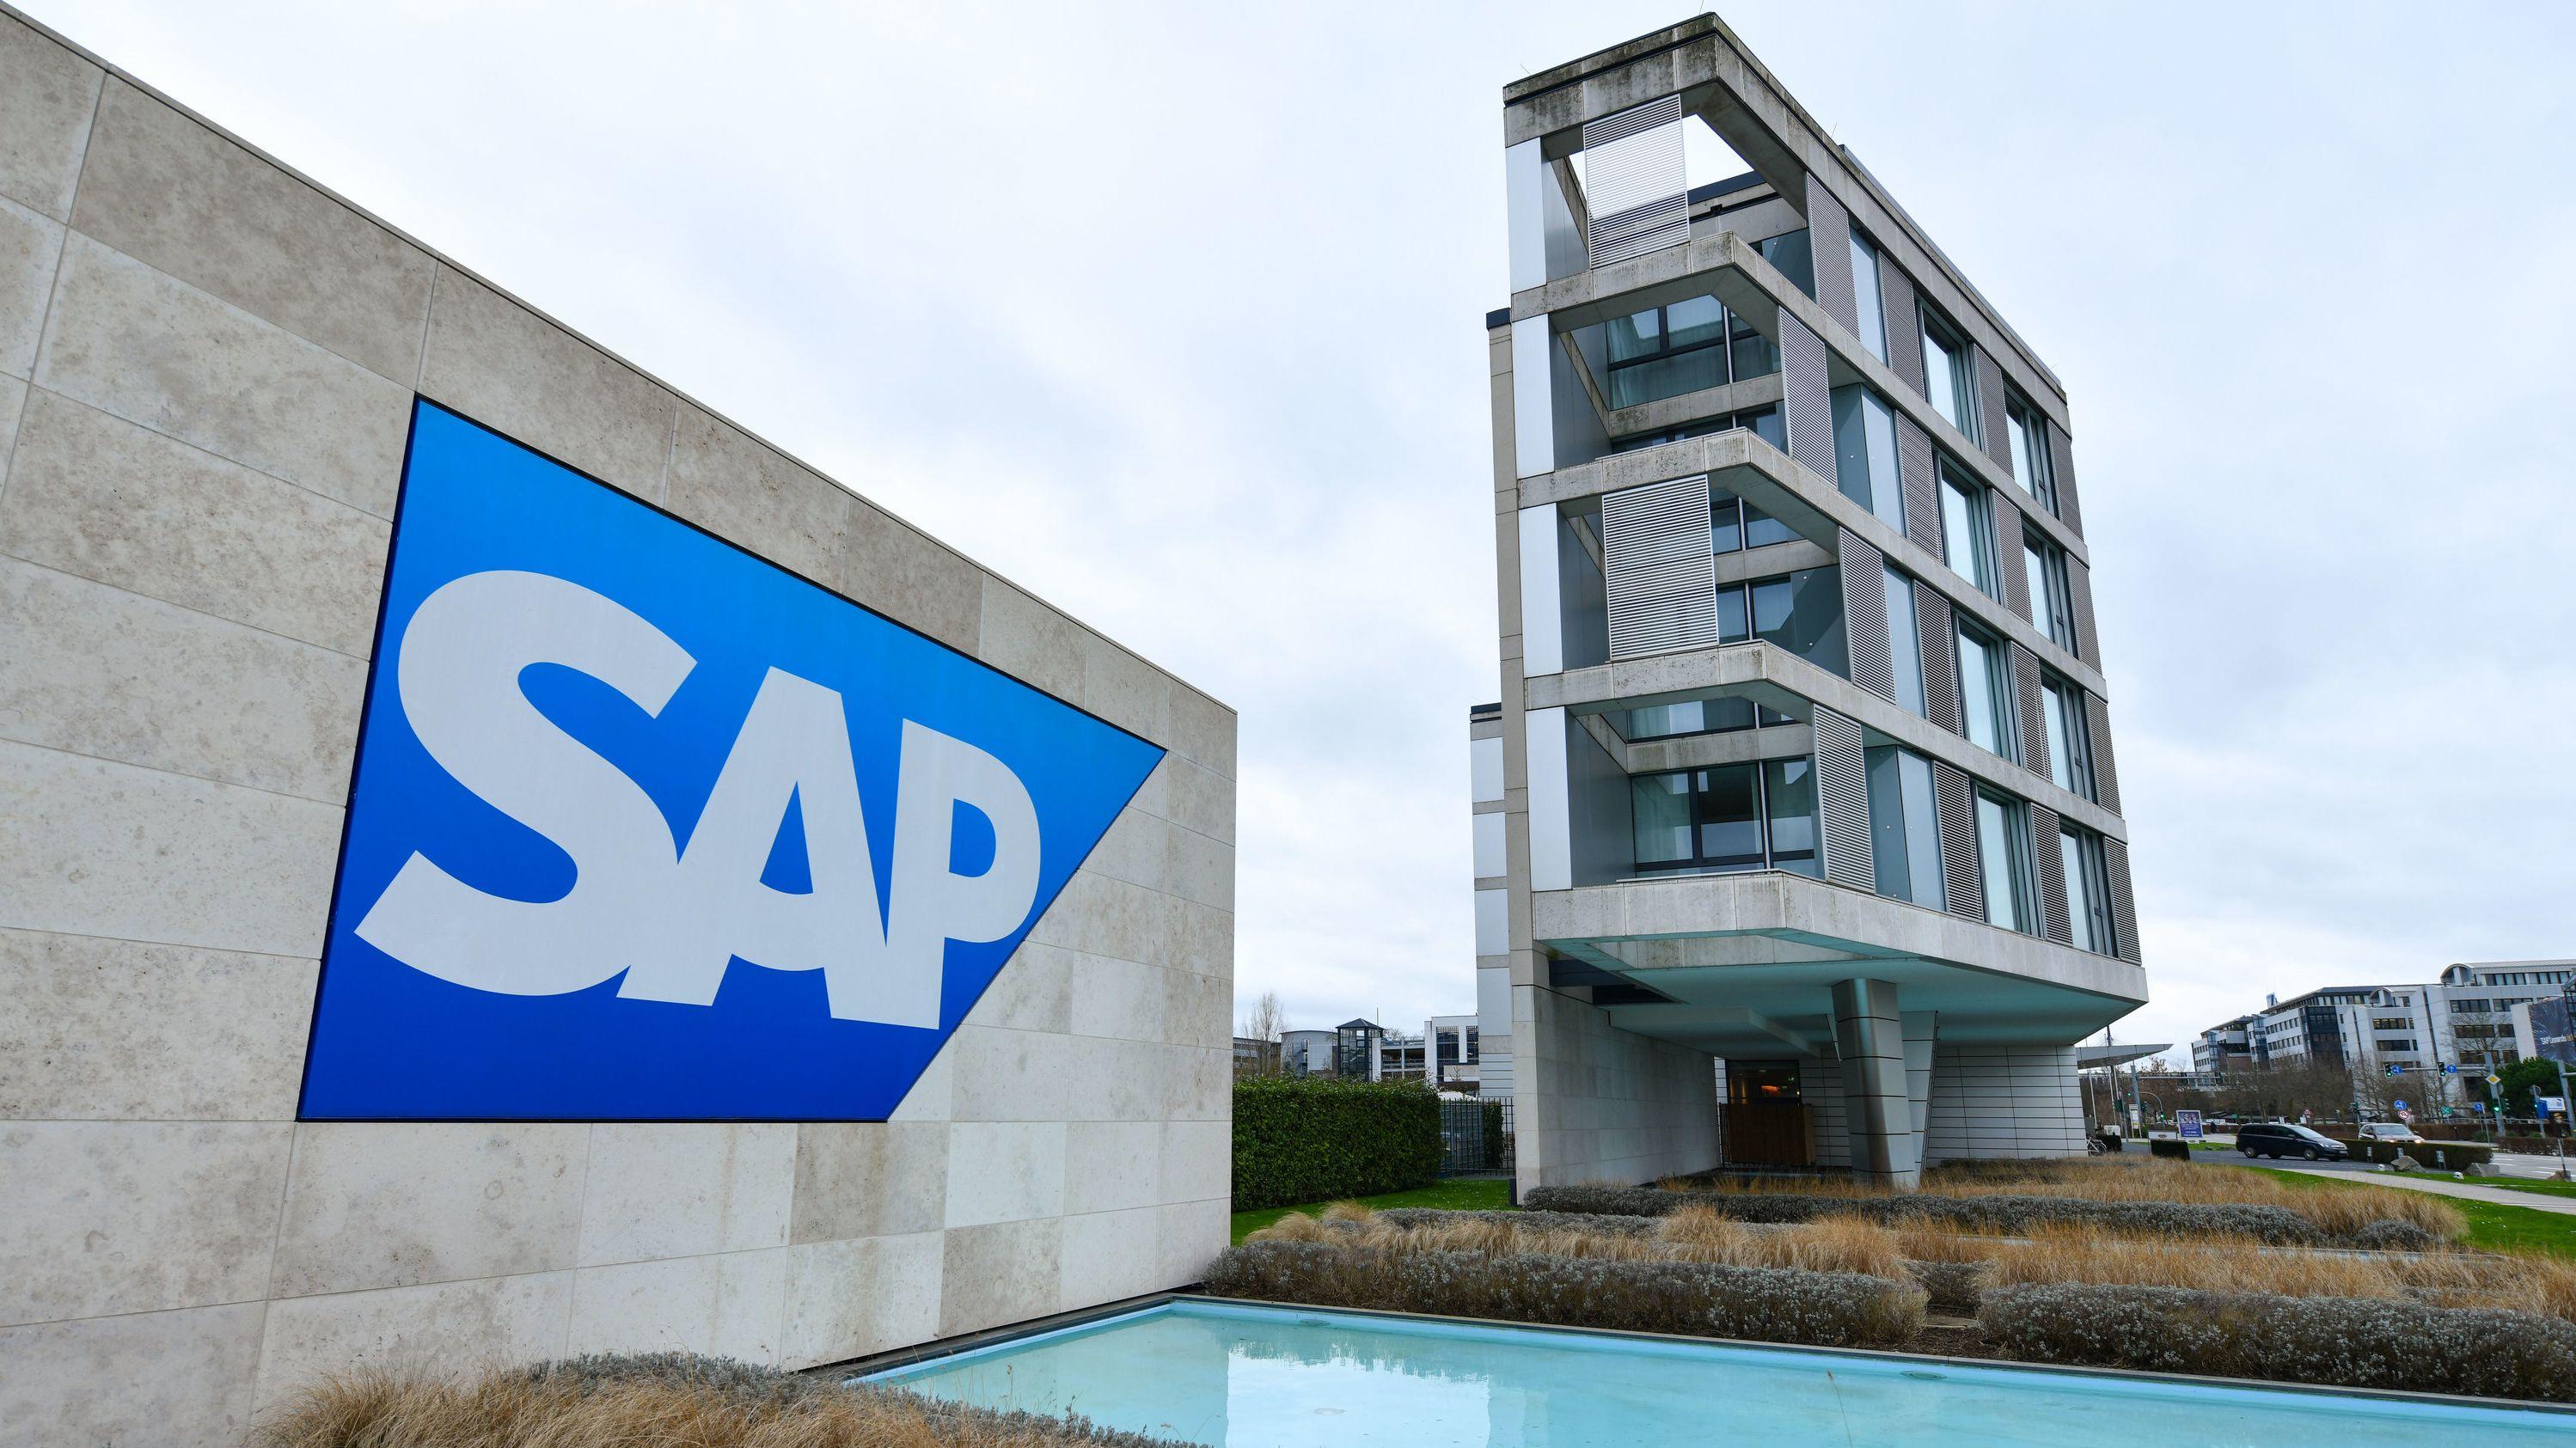 Das Logo des Softwarekonzerns SAP vor einem Gebäude des Unternehmens.